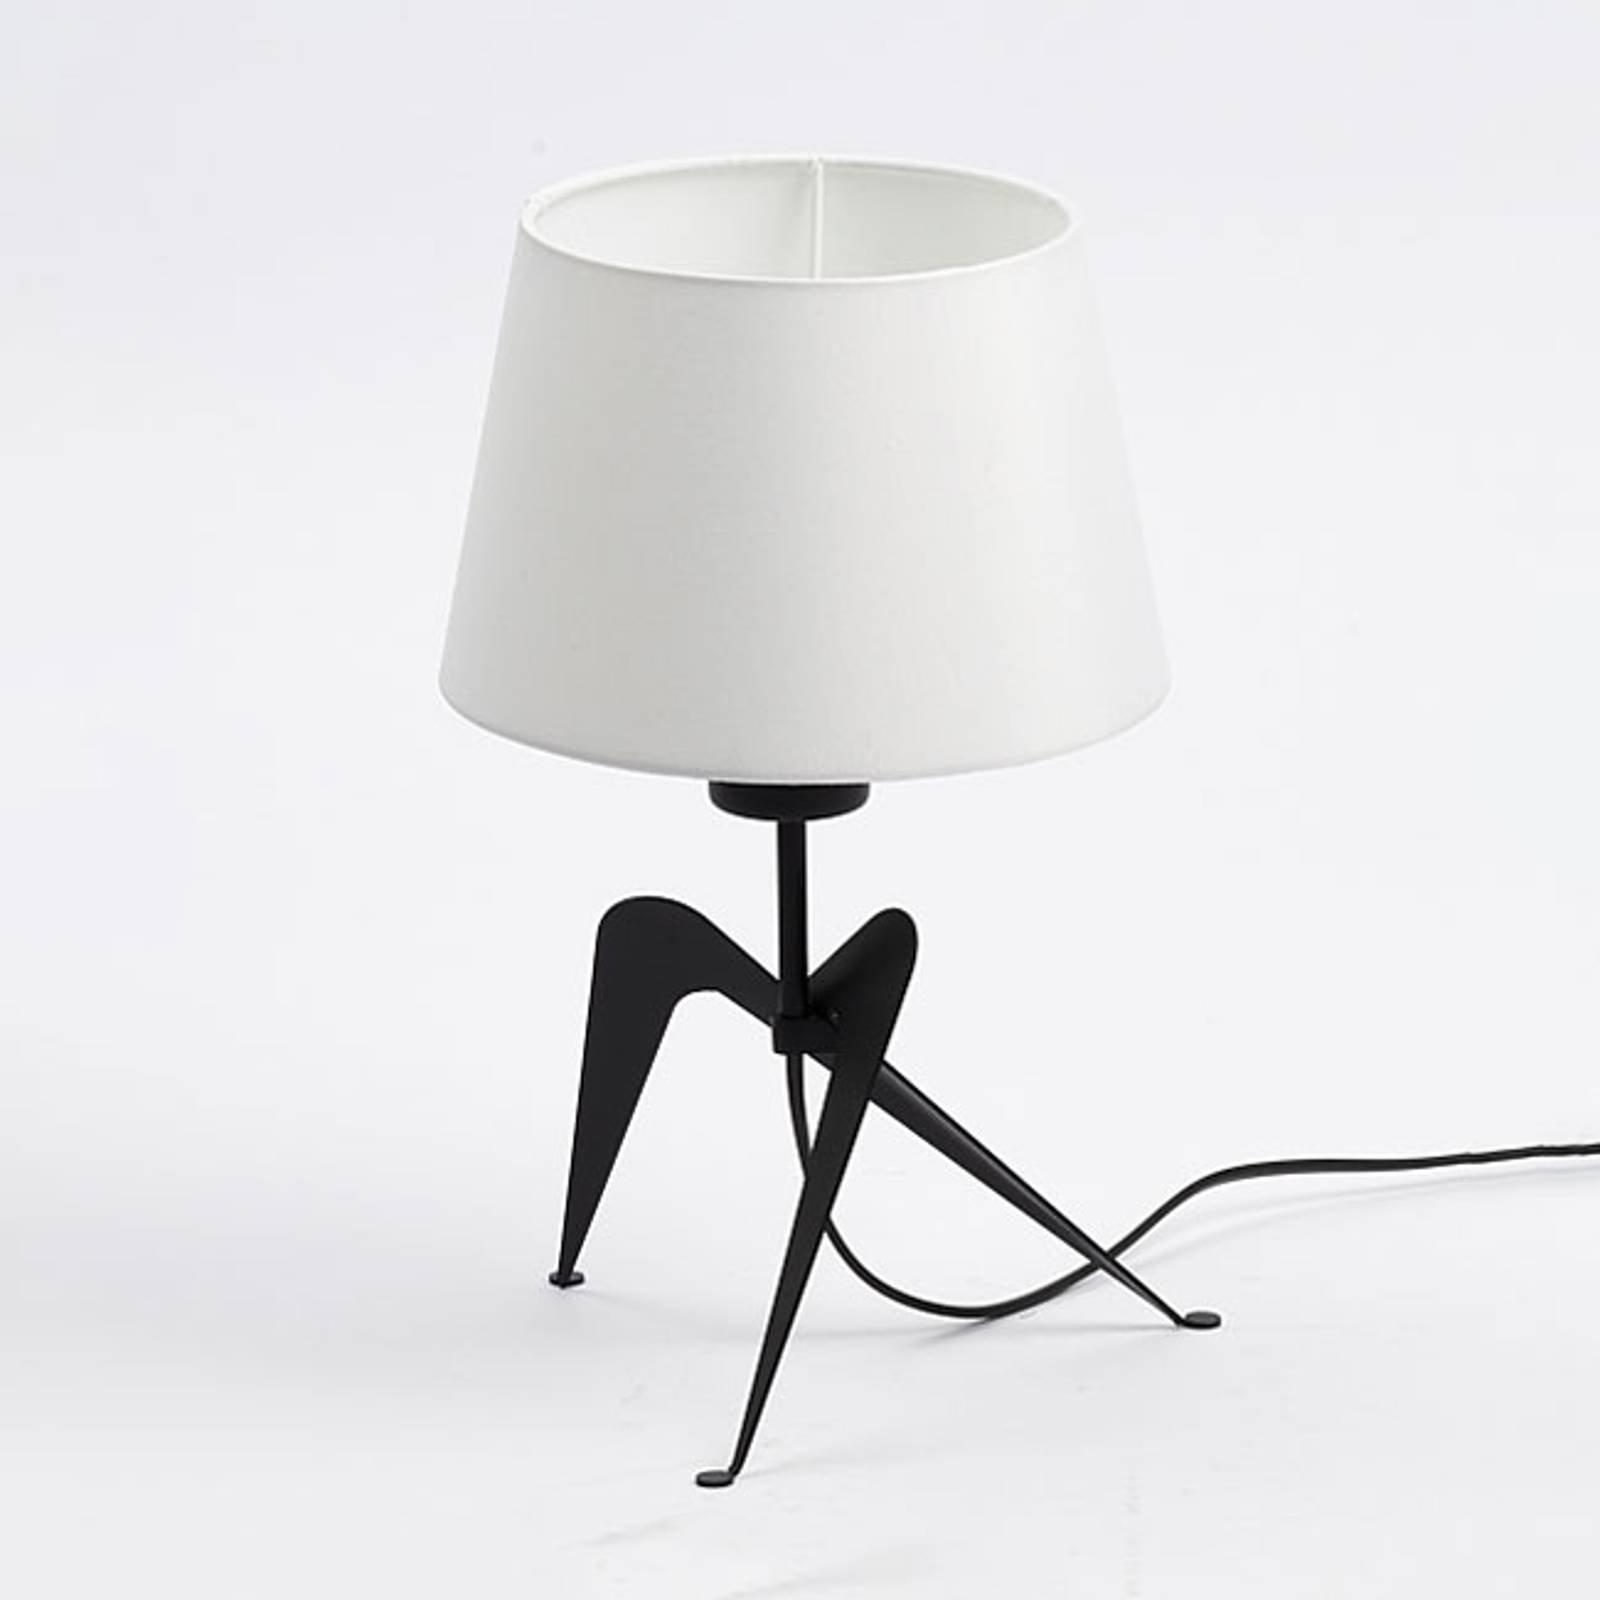 Lola bordlampe med stoffskjerm, svart-hvitt